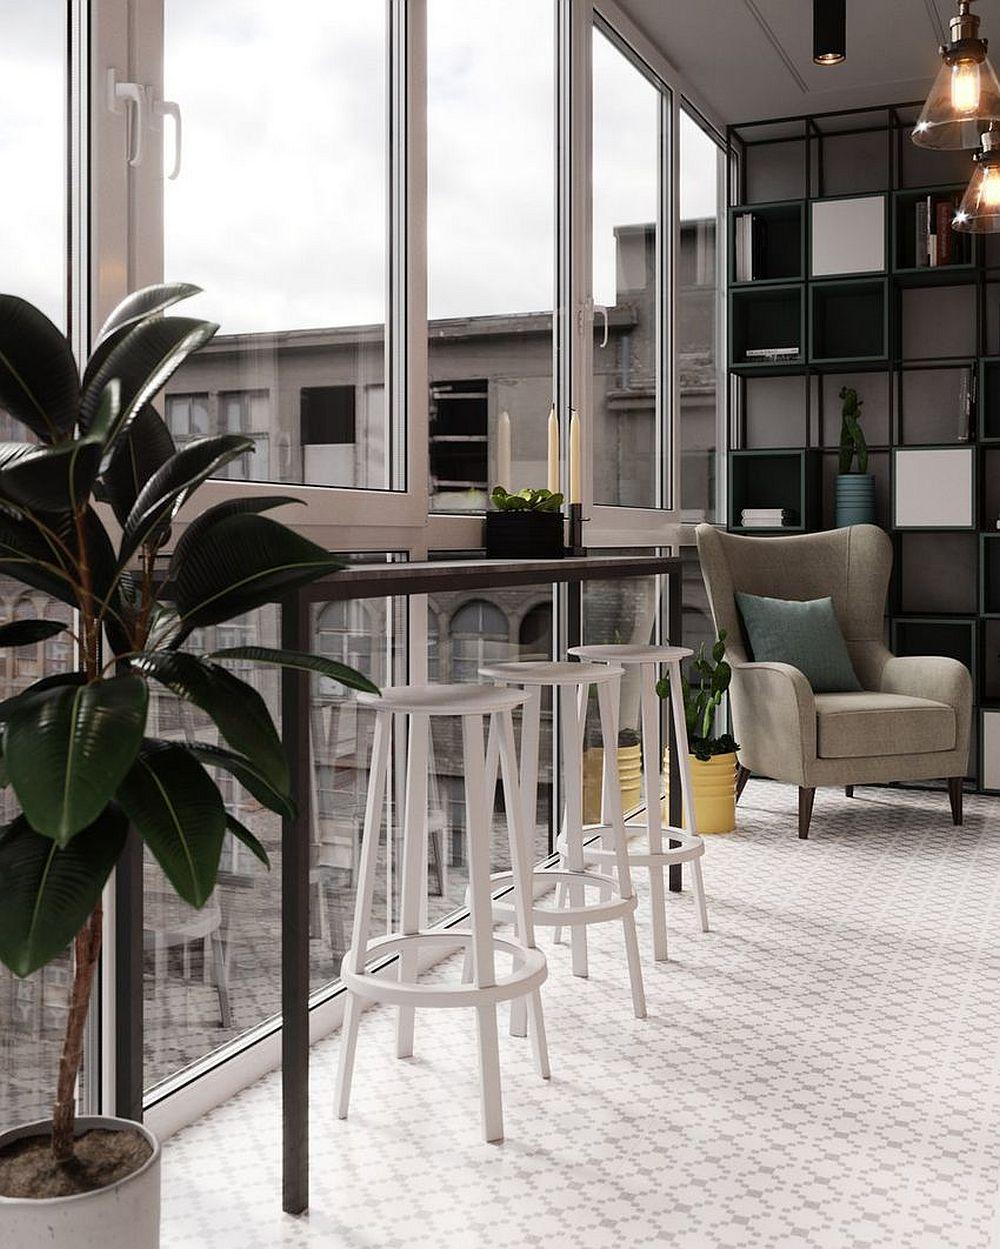 În atmosfera spațiului amenajat pe balcon contează foarte mult faptul că lumina naturală pătrunde din plin ep ferestrele înalte. Chiar dacă spațiul este lung și îngust el nu se simte claustrofobic grație ferestrelor.